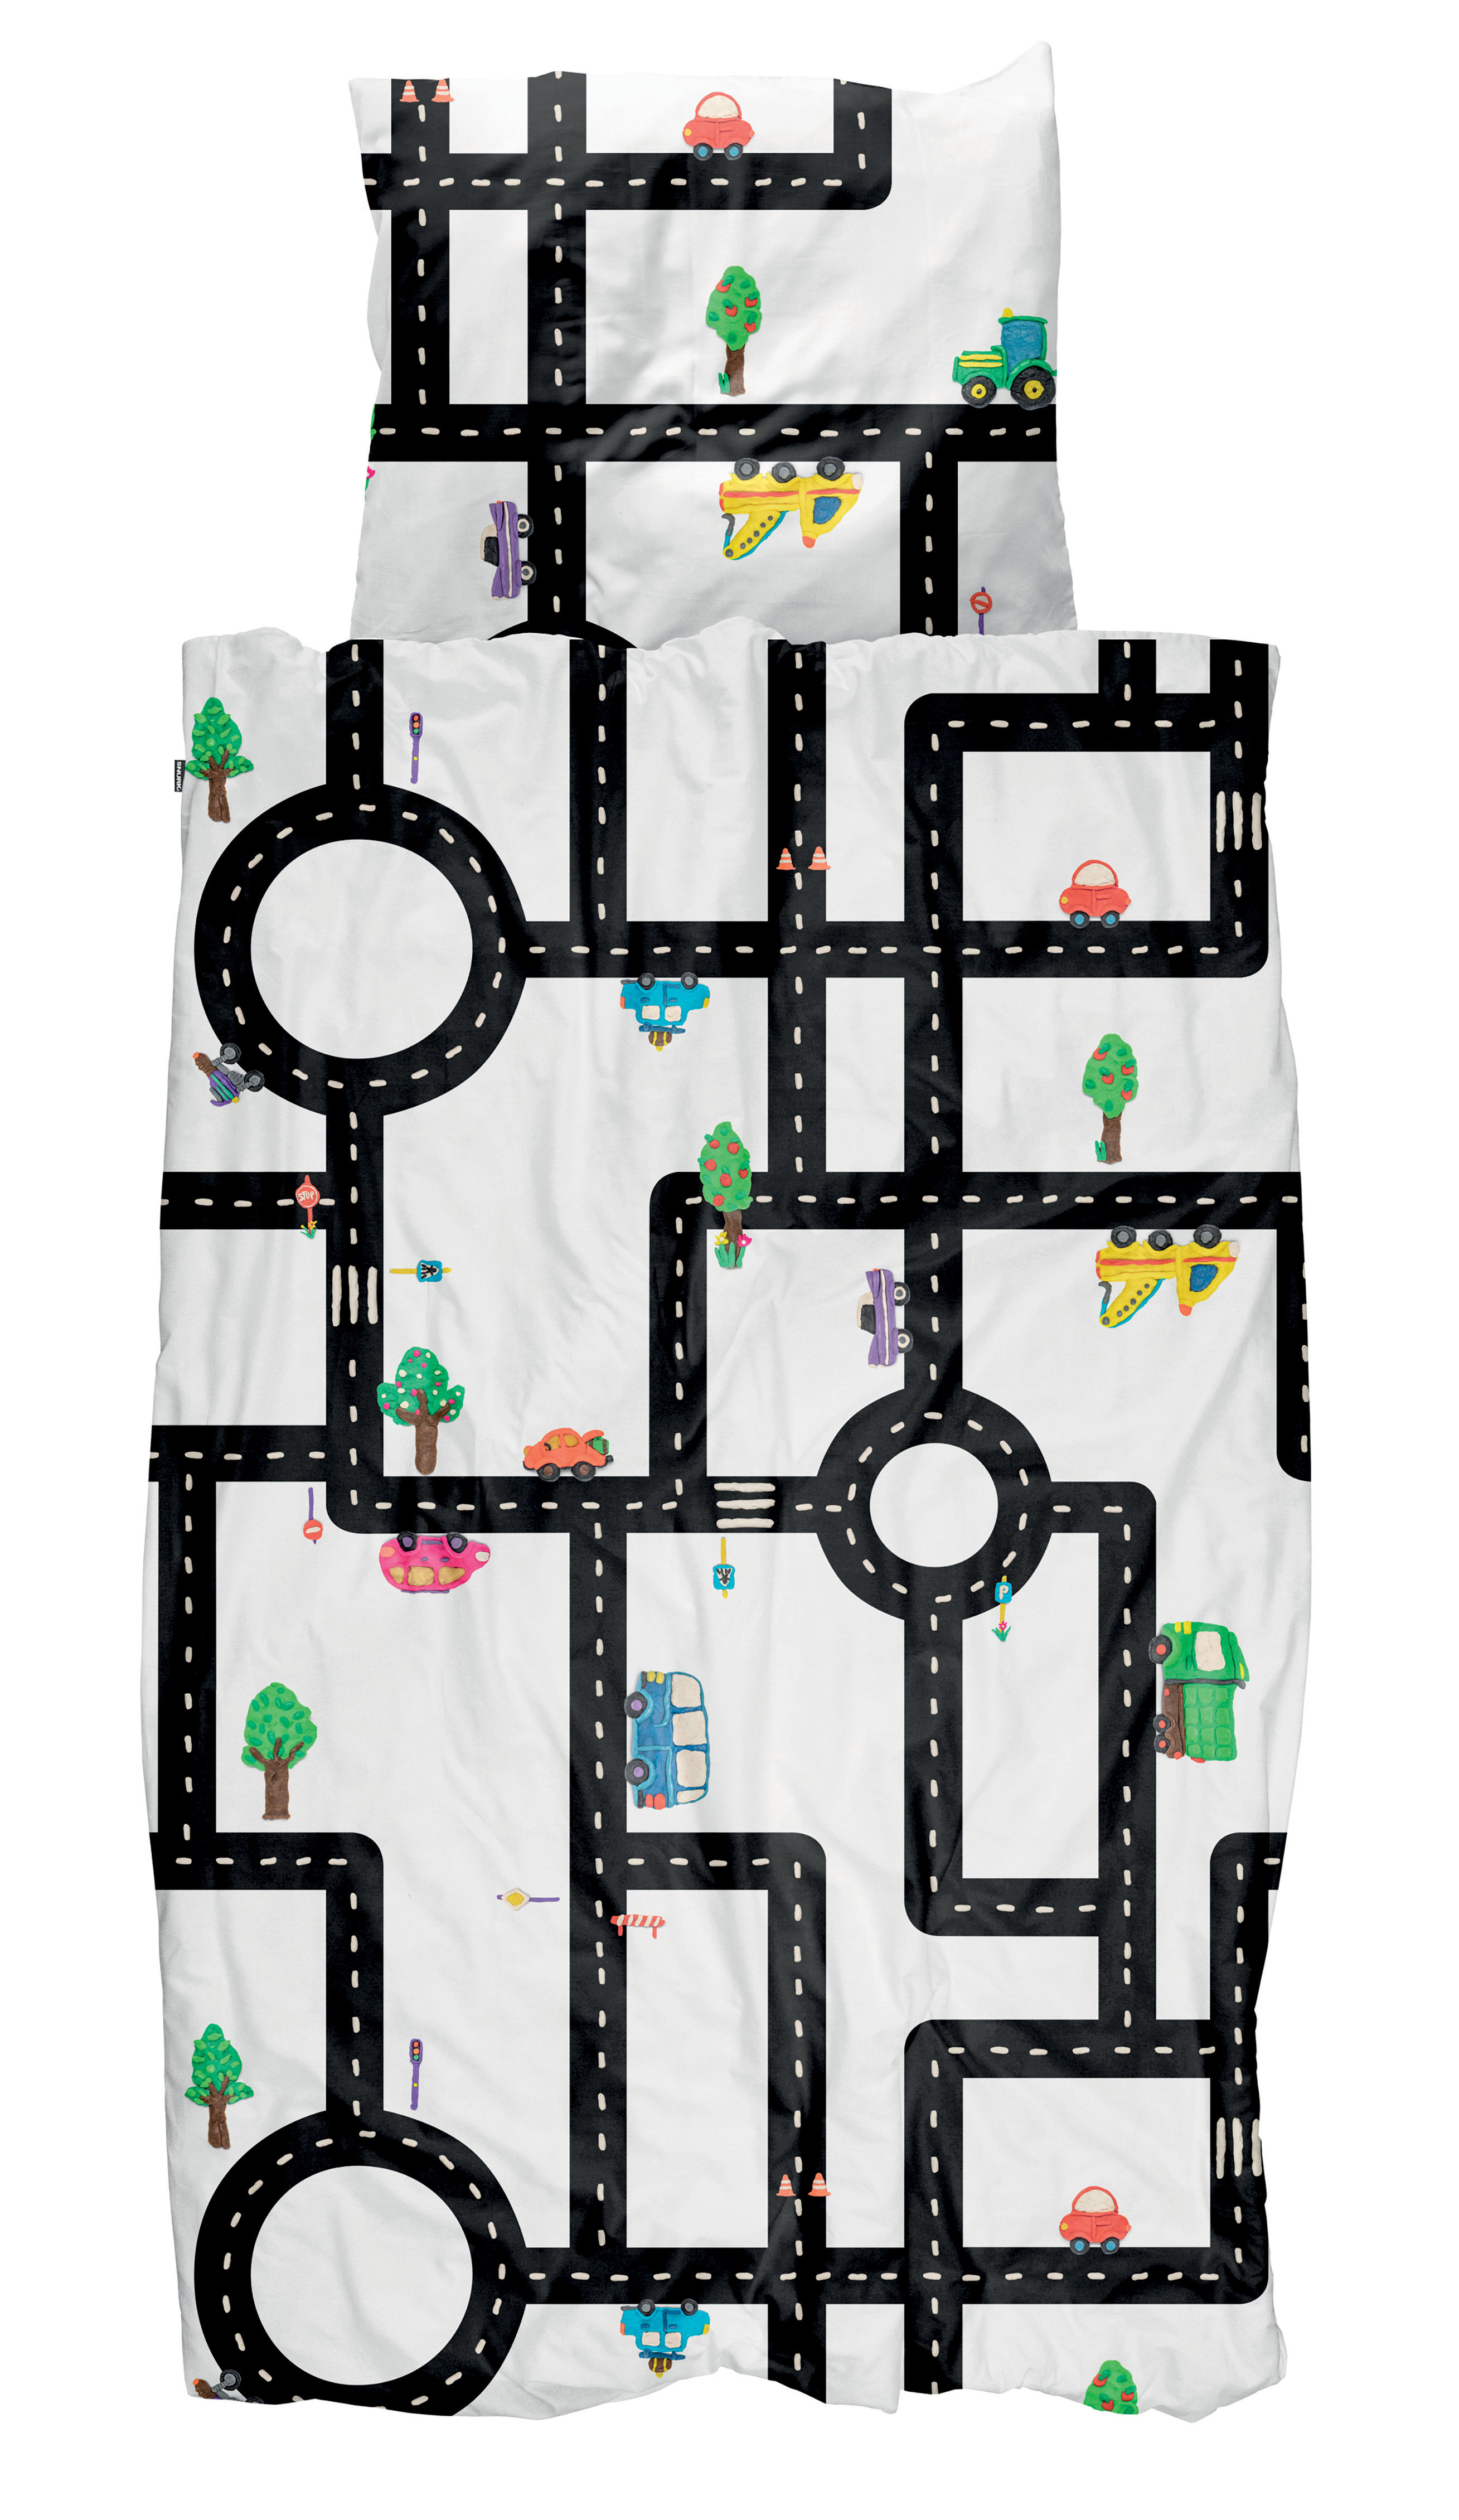 Déco - Pour les enfants - Parure de lit 1 personne Clay Traffic / 140 x 200 cm - Snurk - Routes - Percale de coton